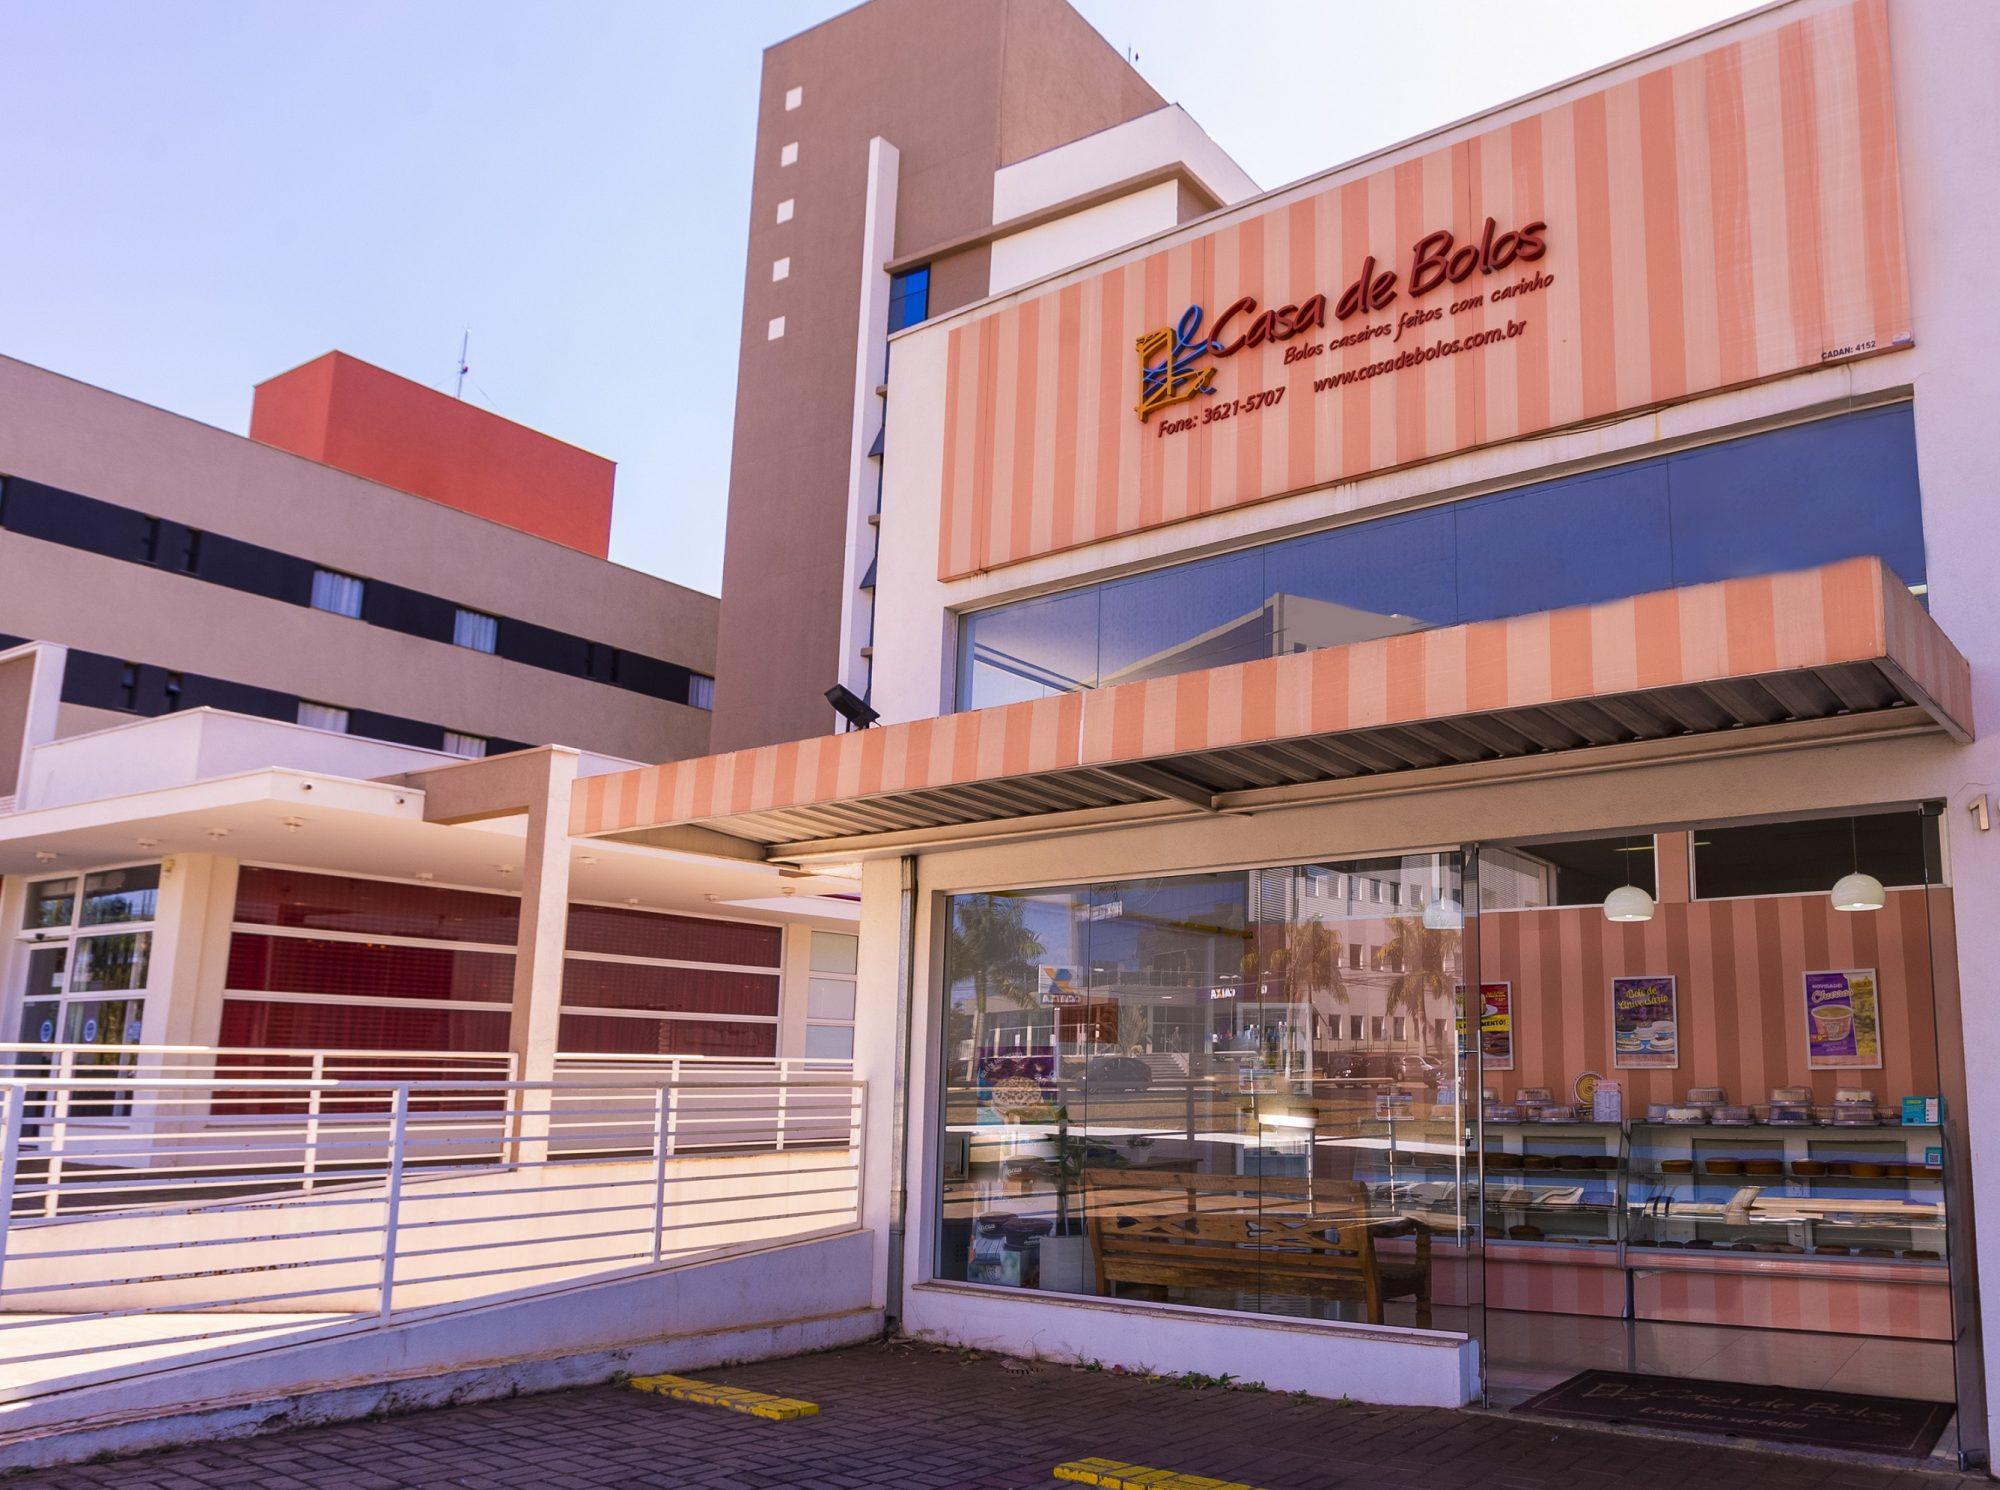 Empreendedora recifense inaugura mais uma loja da Casa de Bolos em Recife